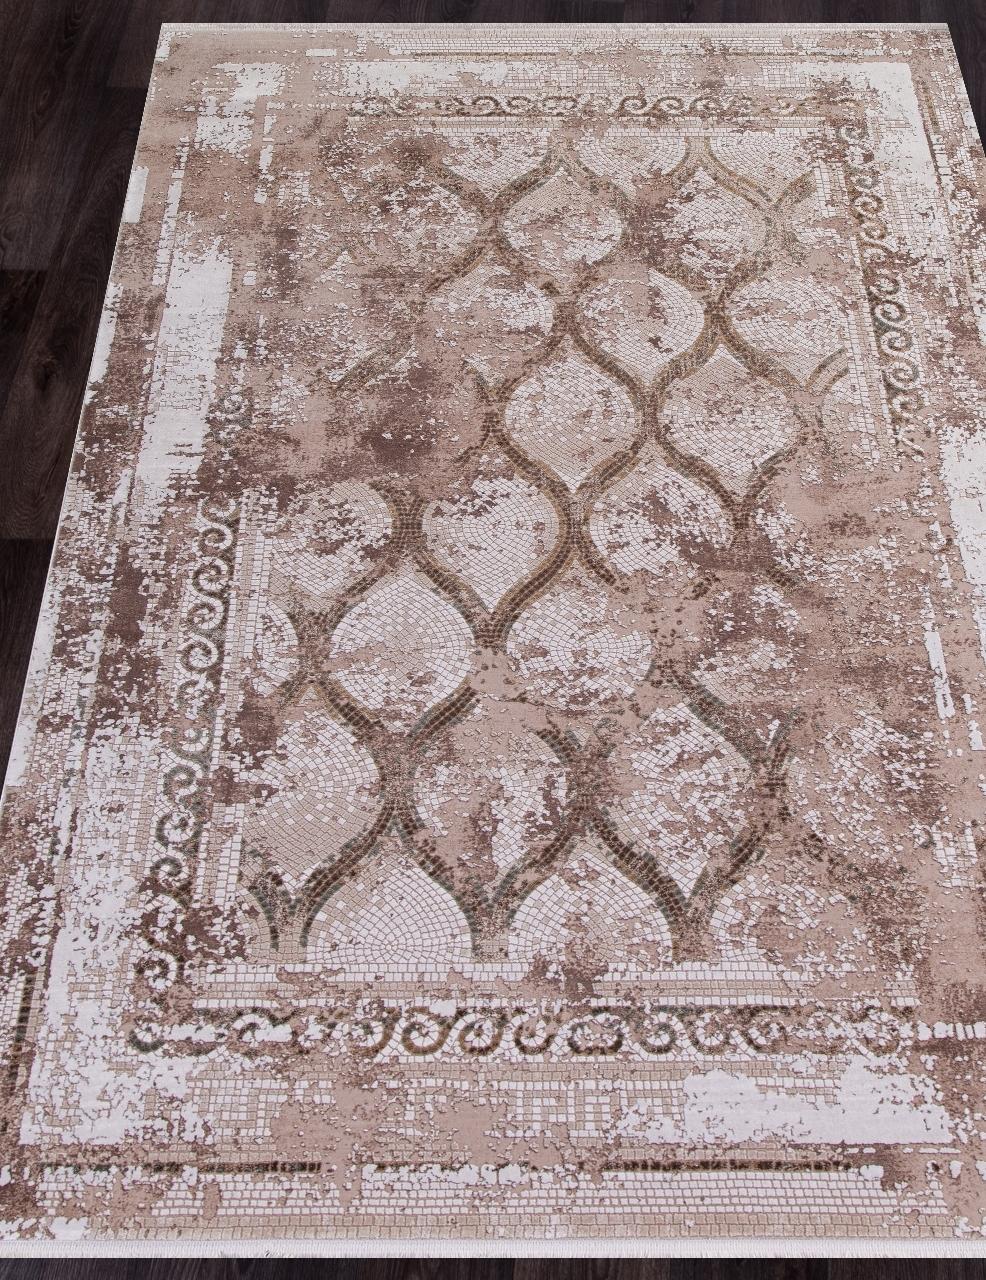 Ковер 19148 - 070 BEIGE - Прямоугольник - коллекция CREANTE - фото 1